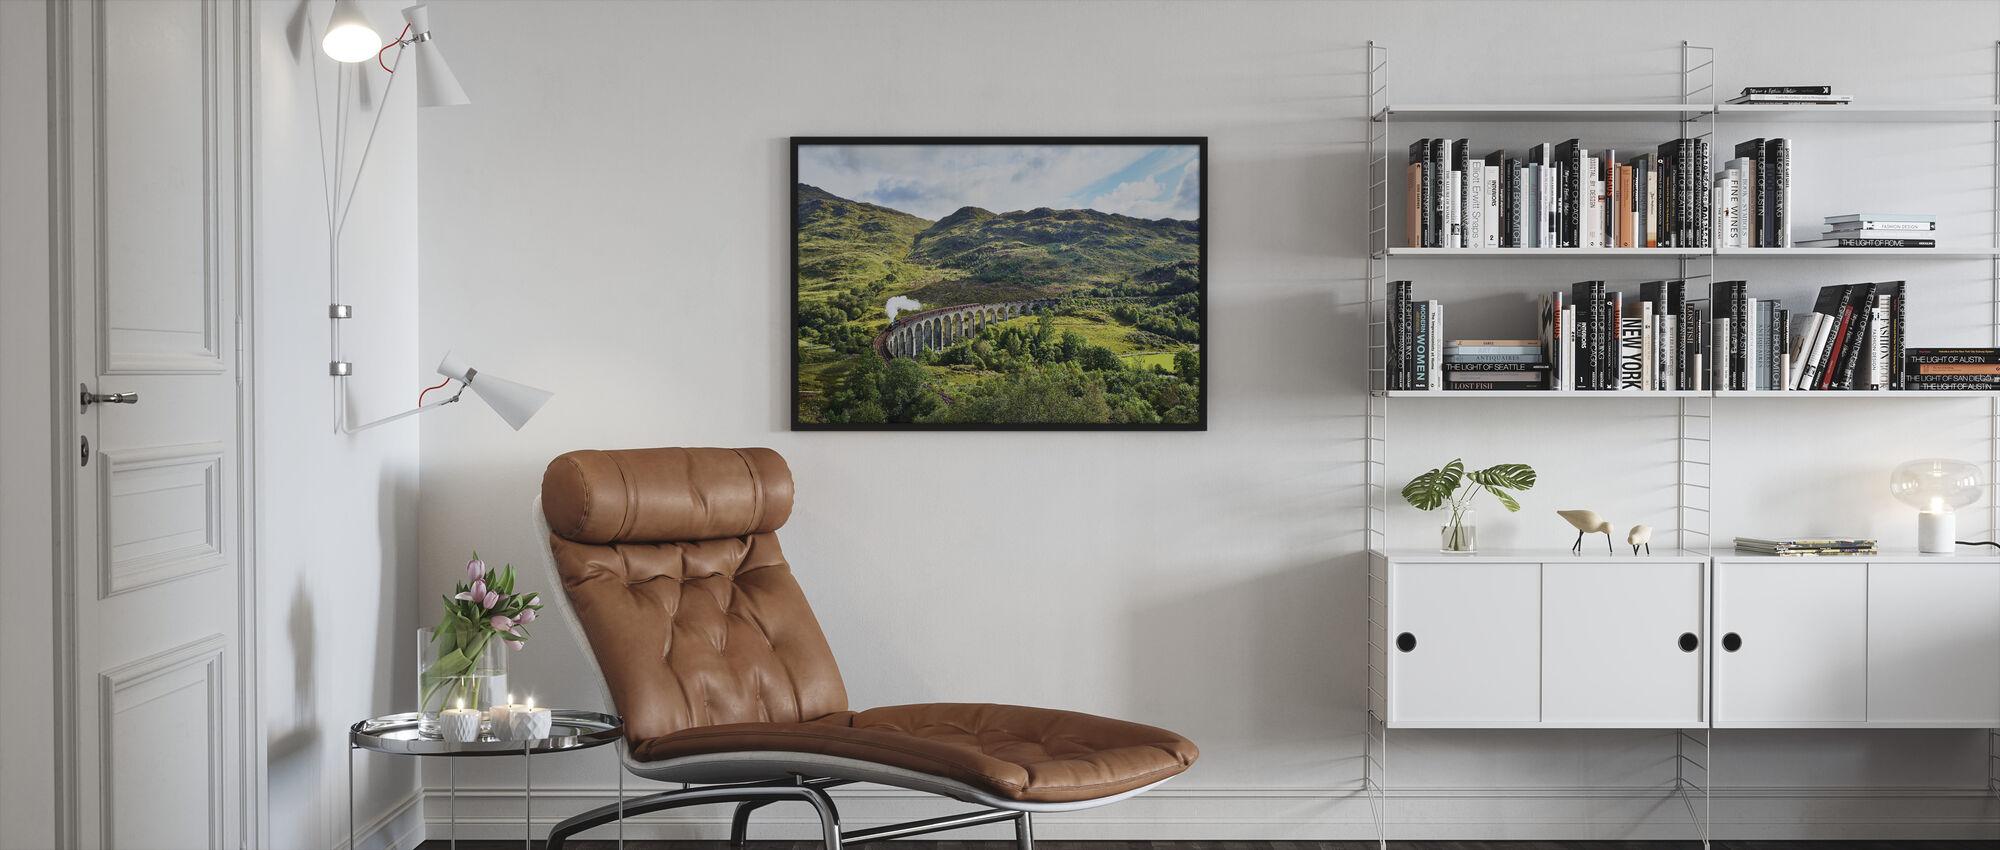 Train at Scotland Highlands - Framed print - Living Room